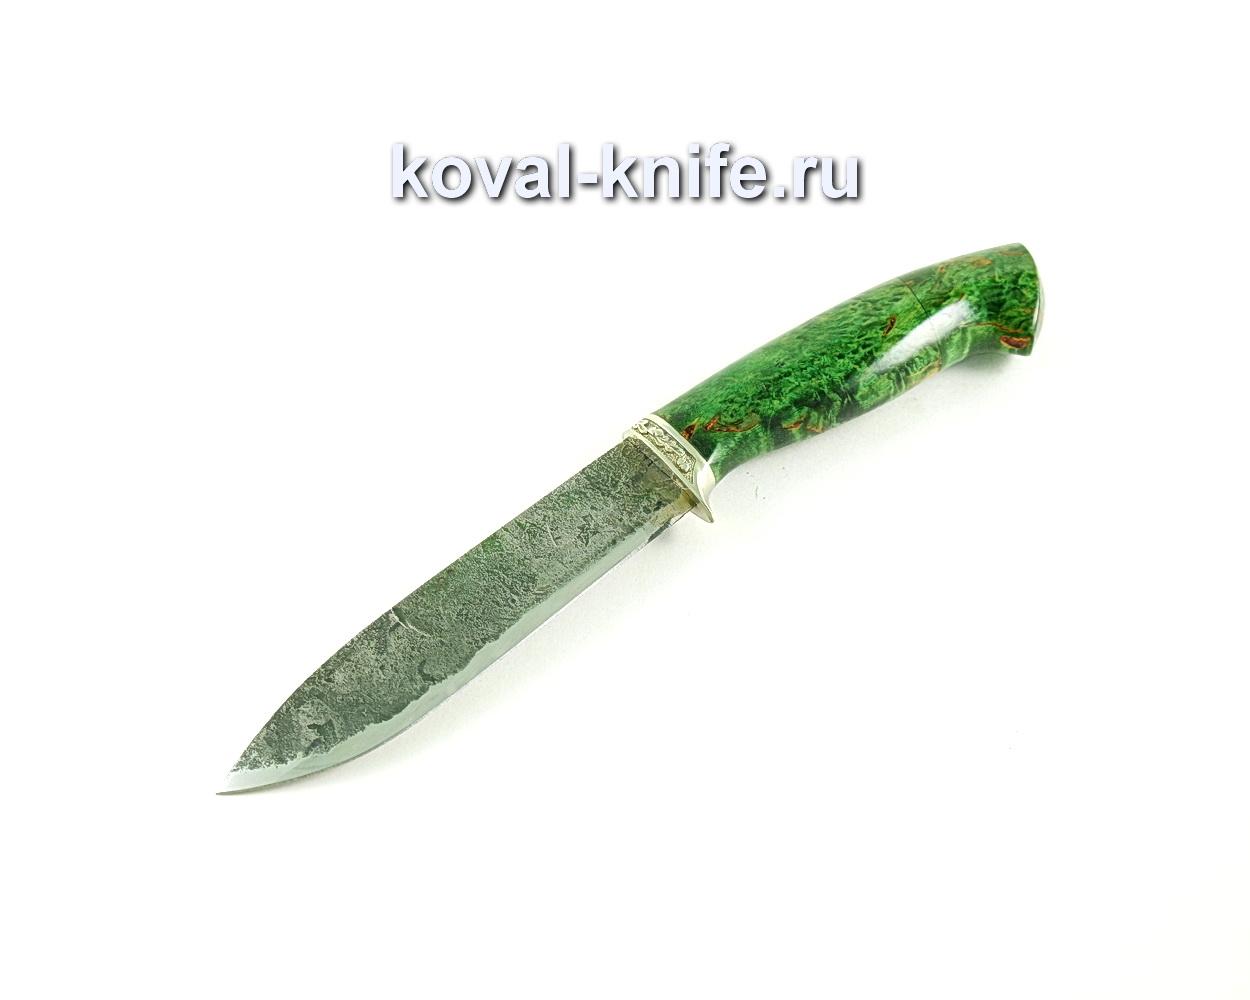 Нож Олимп (сталь 9хс), рукоять карельская береза-стабилизированная A294